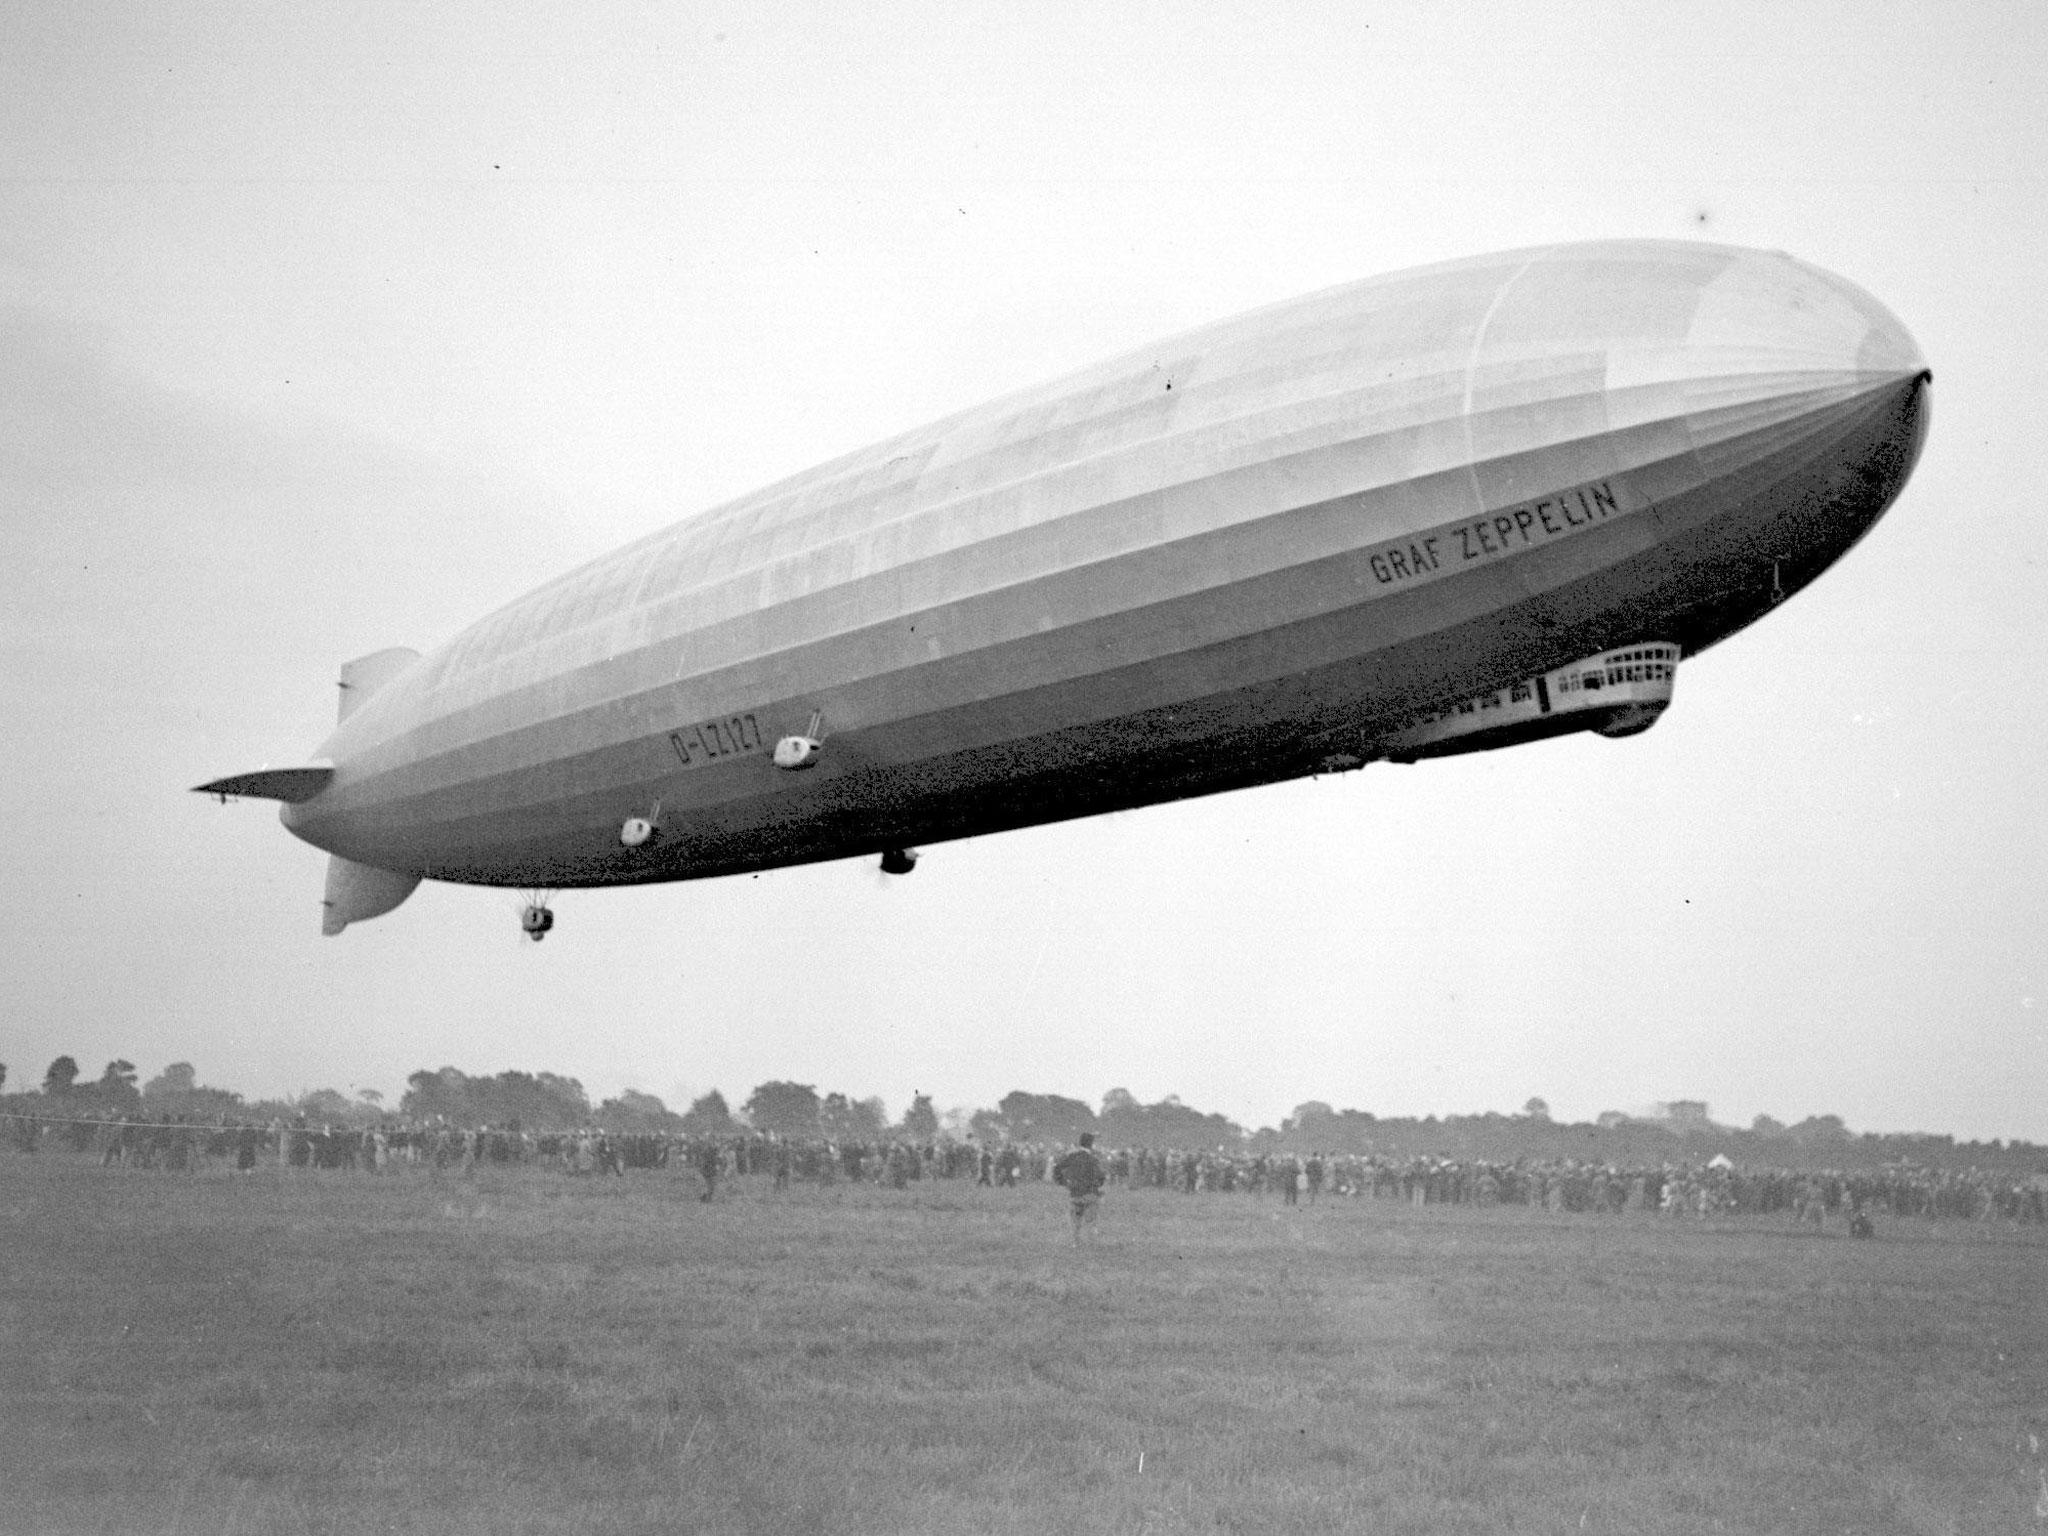 Przykład doskonałej stylizacji cz. 1 – Zeppelin